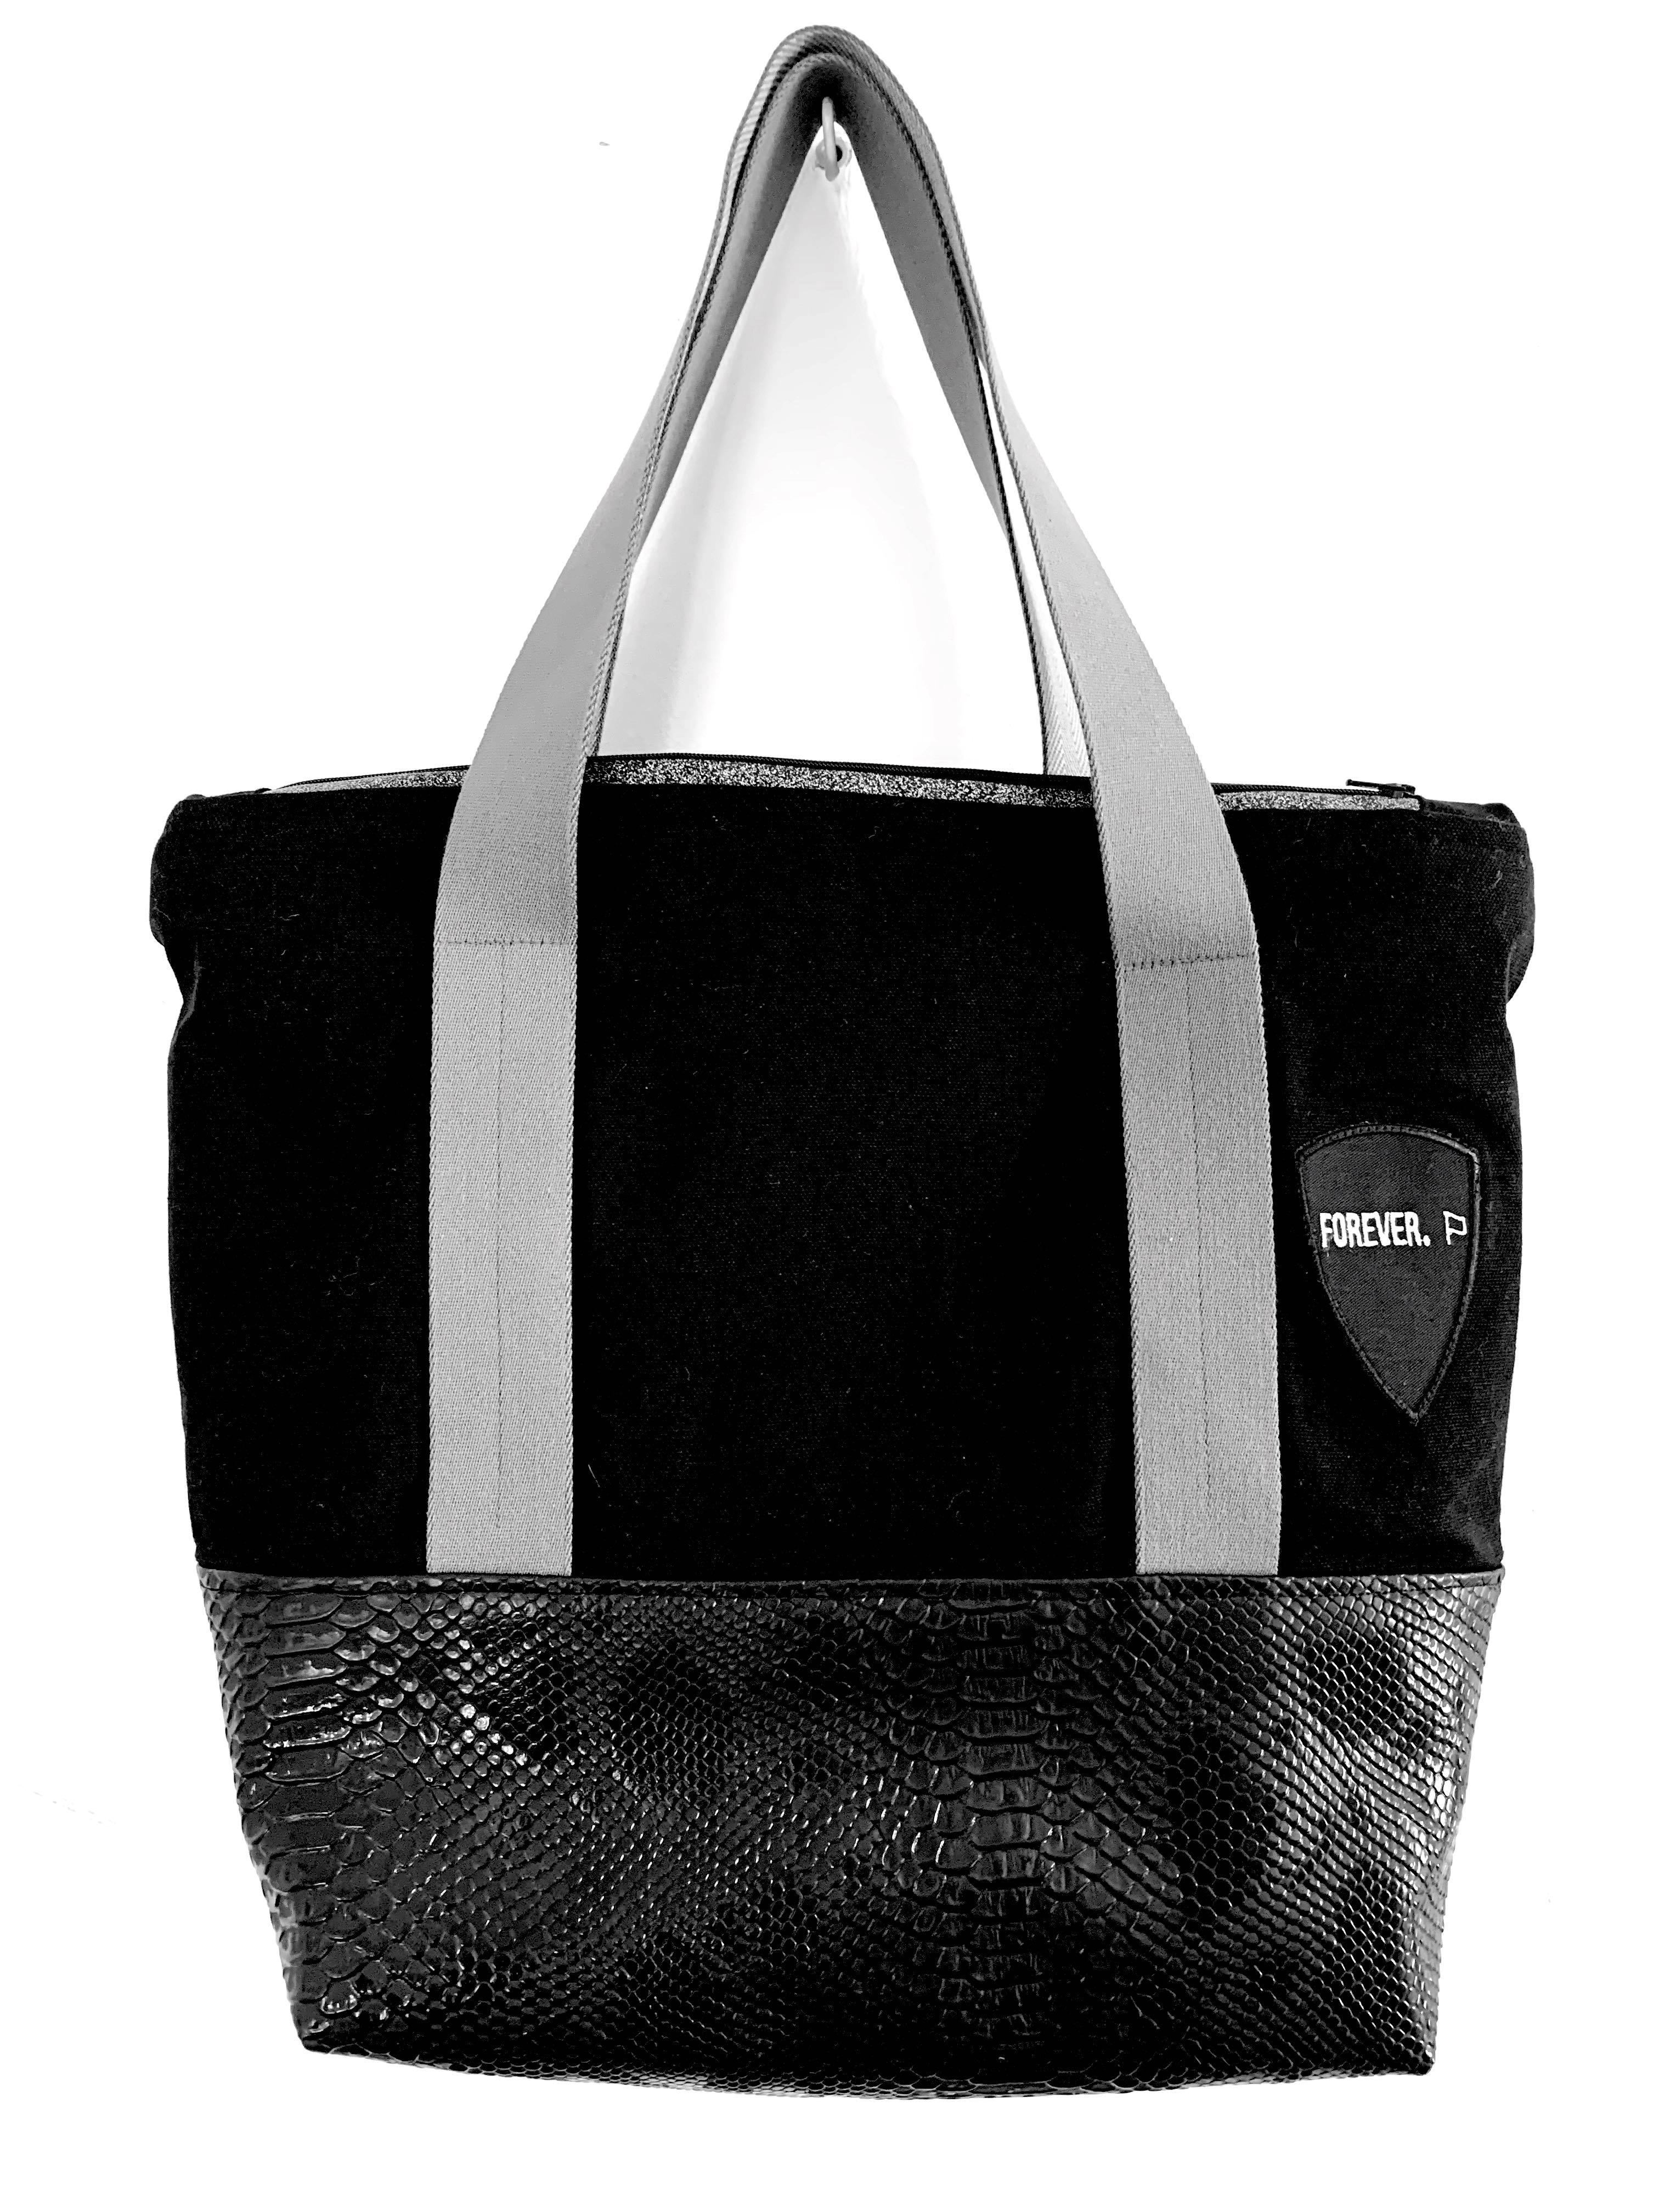 jm women forever bag#2